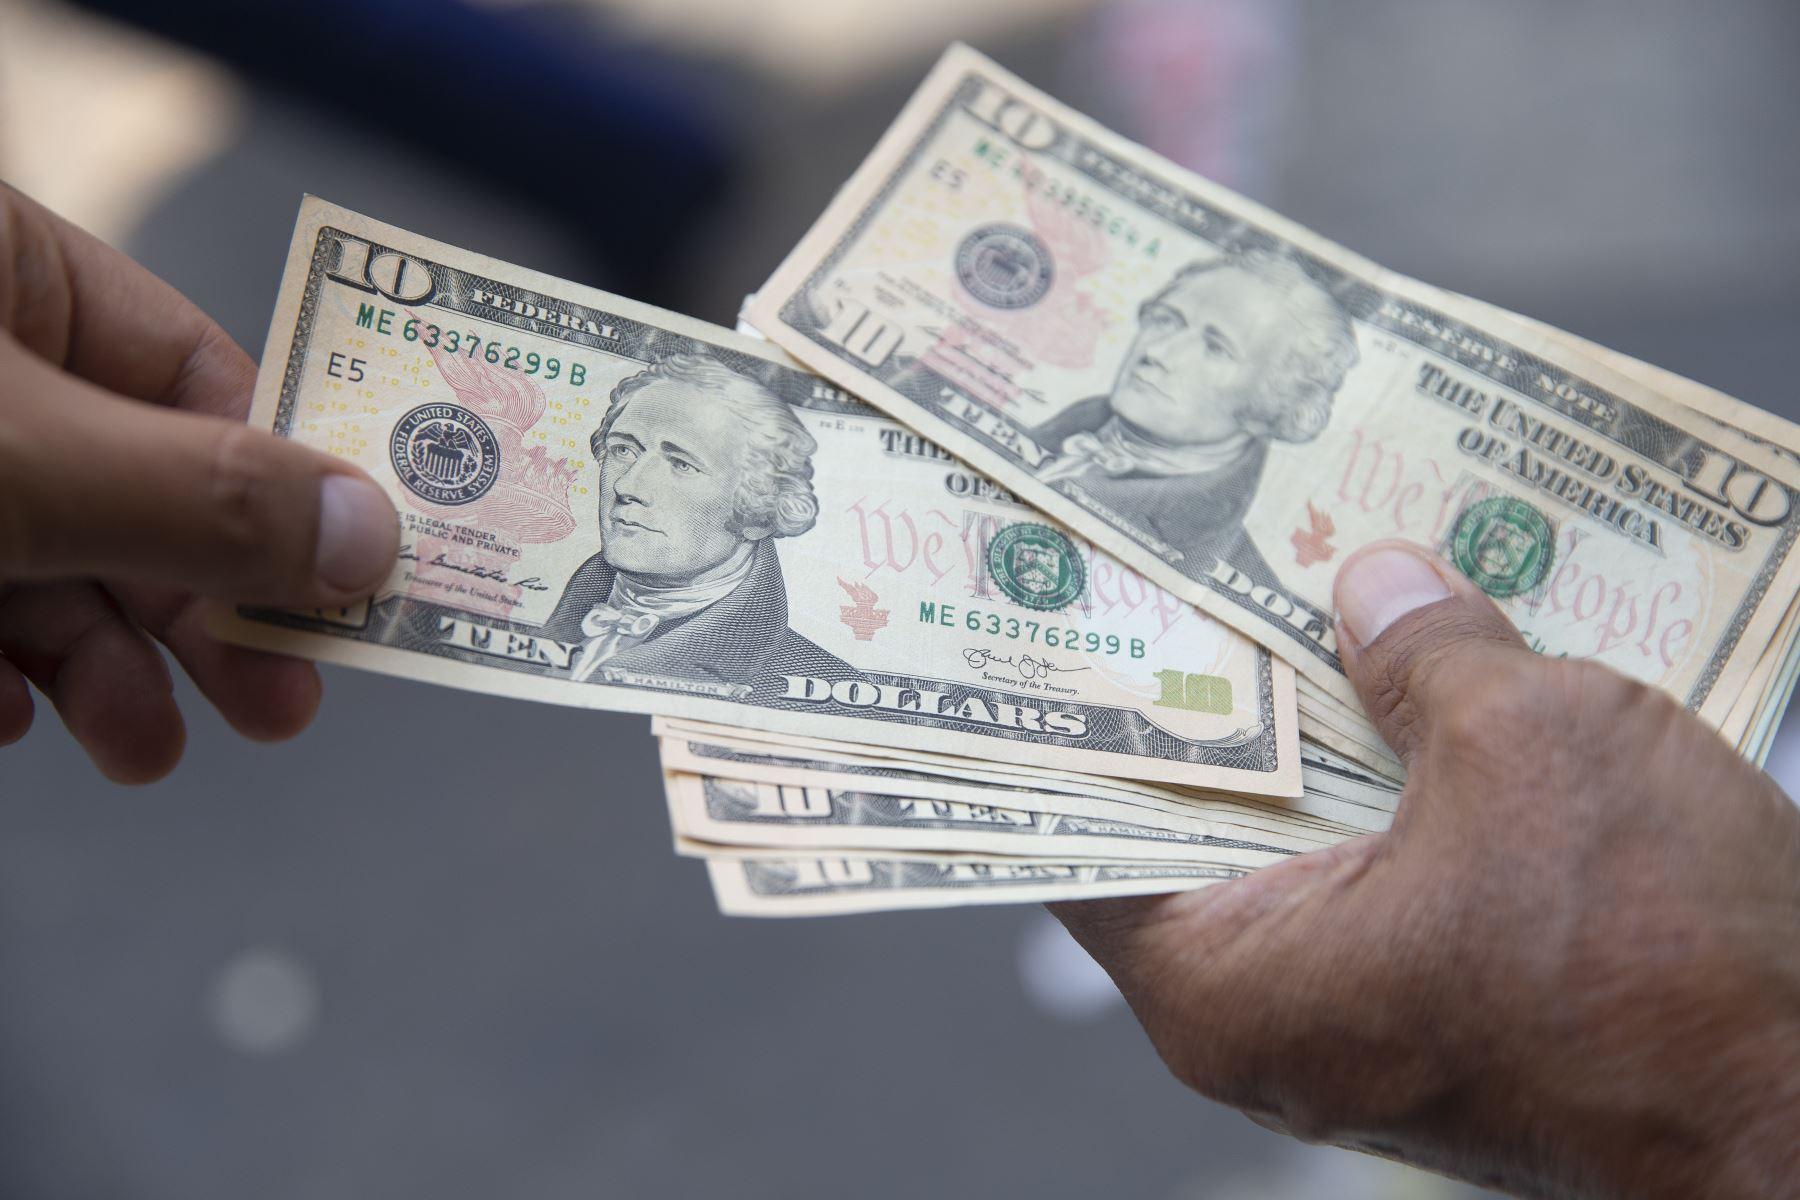 Compra y venta de dólares: ¿Qué hacer cuando la coyuntura golpea su precio?